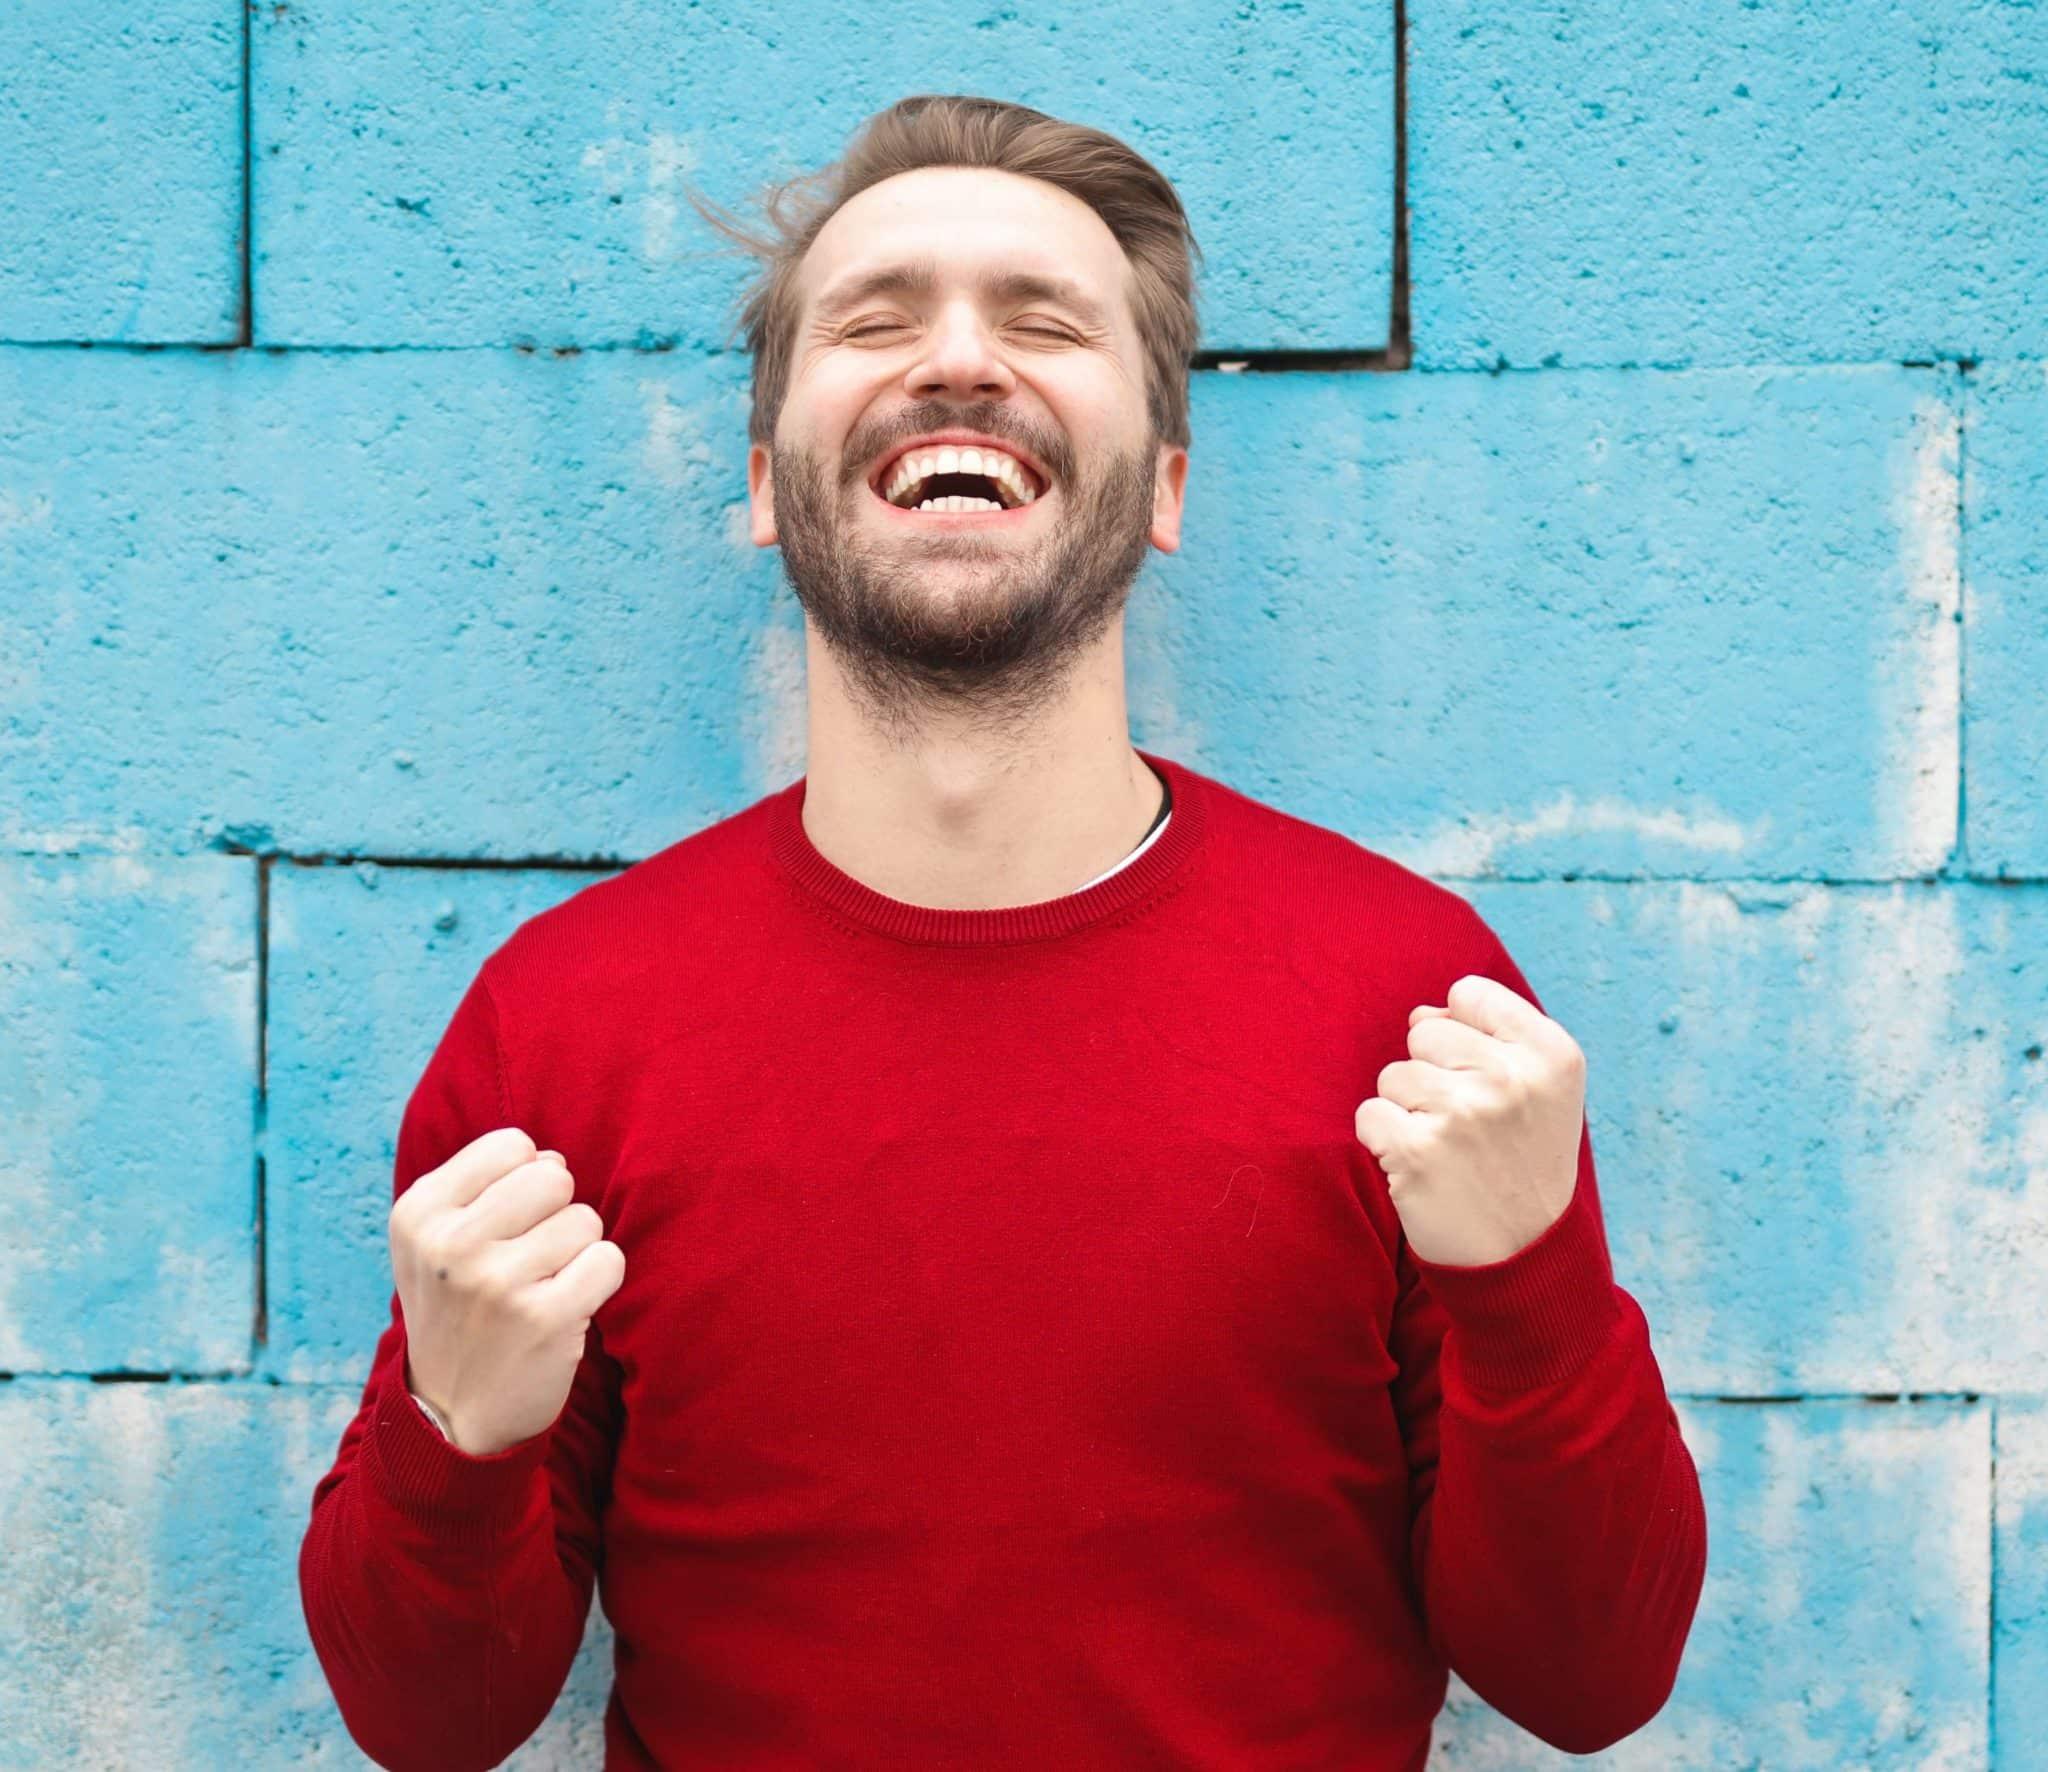 Um homem branco e de blusa vermelha. Ele olha pro alto e sorri, também com os punhos levemente erguidos.